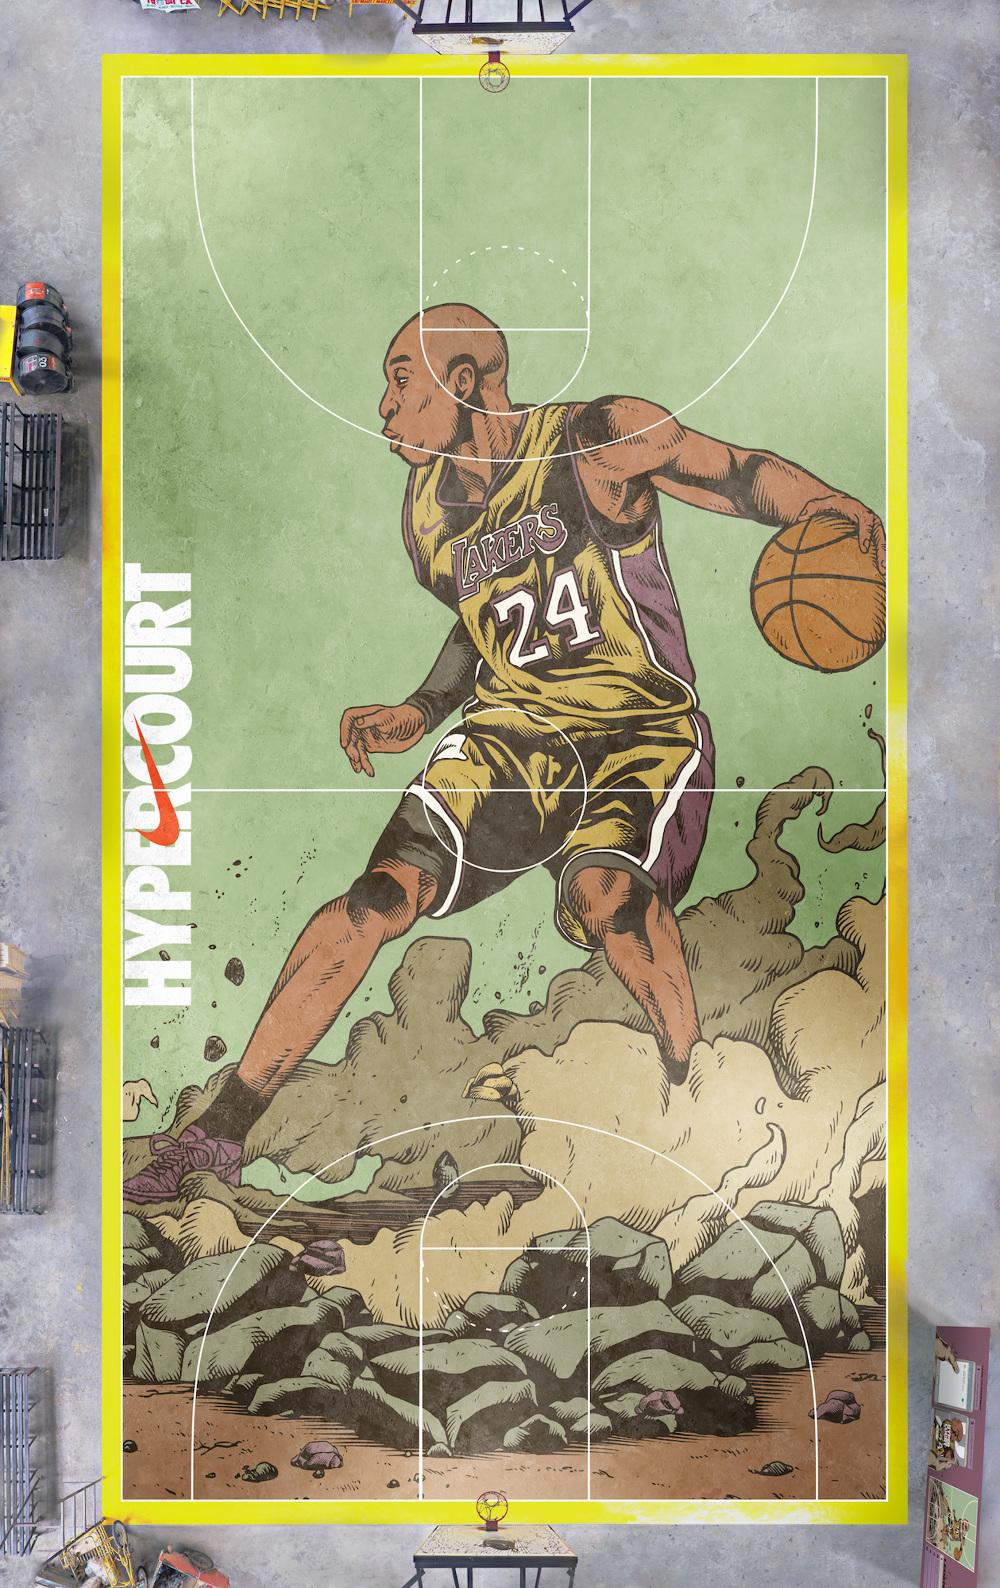 Kobe-Court_fin-copy-2_1000.jpg